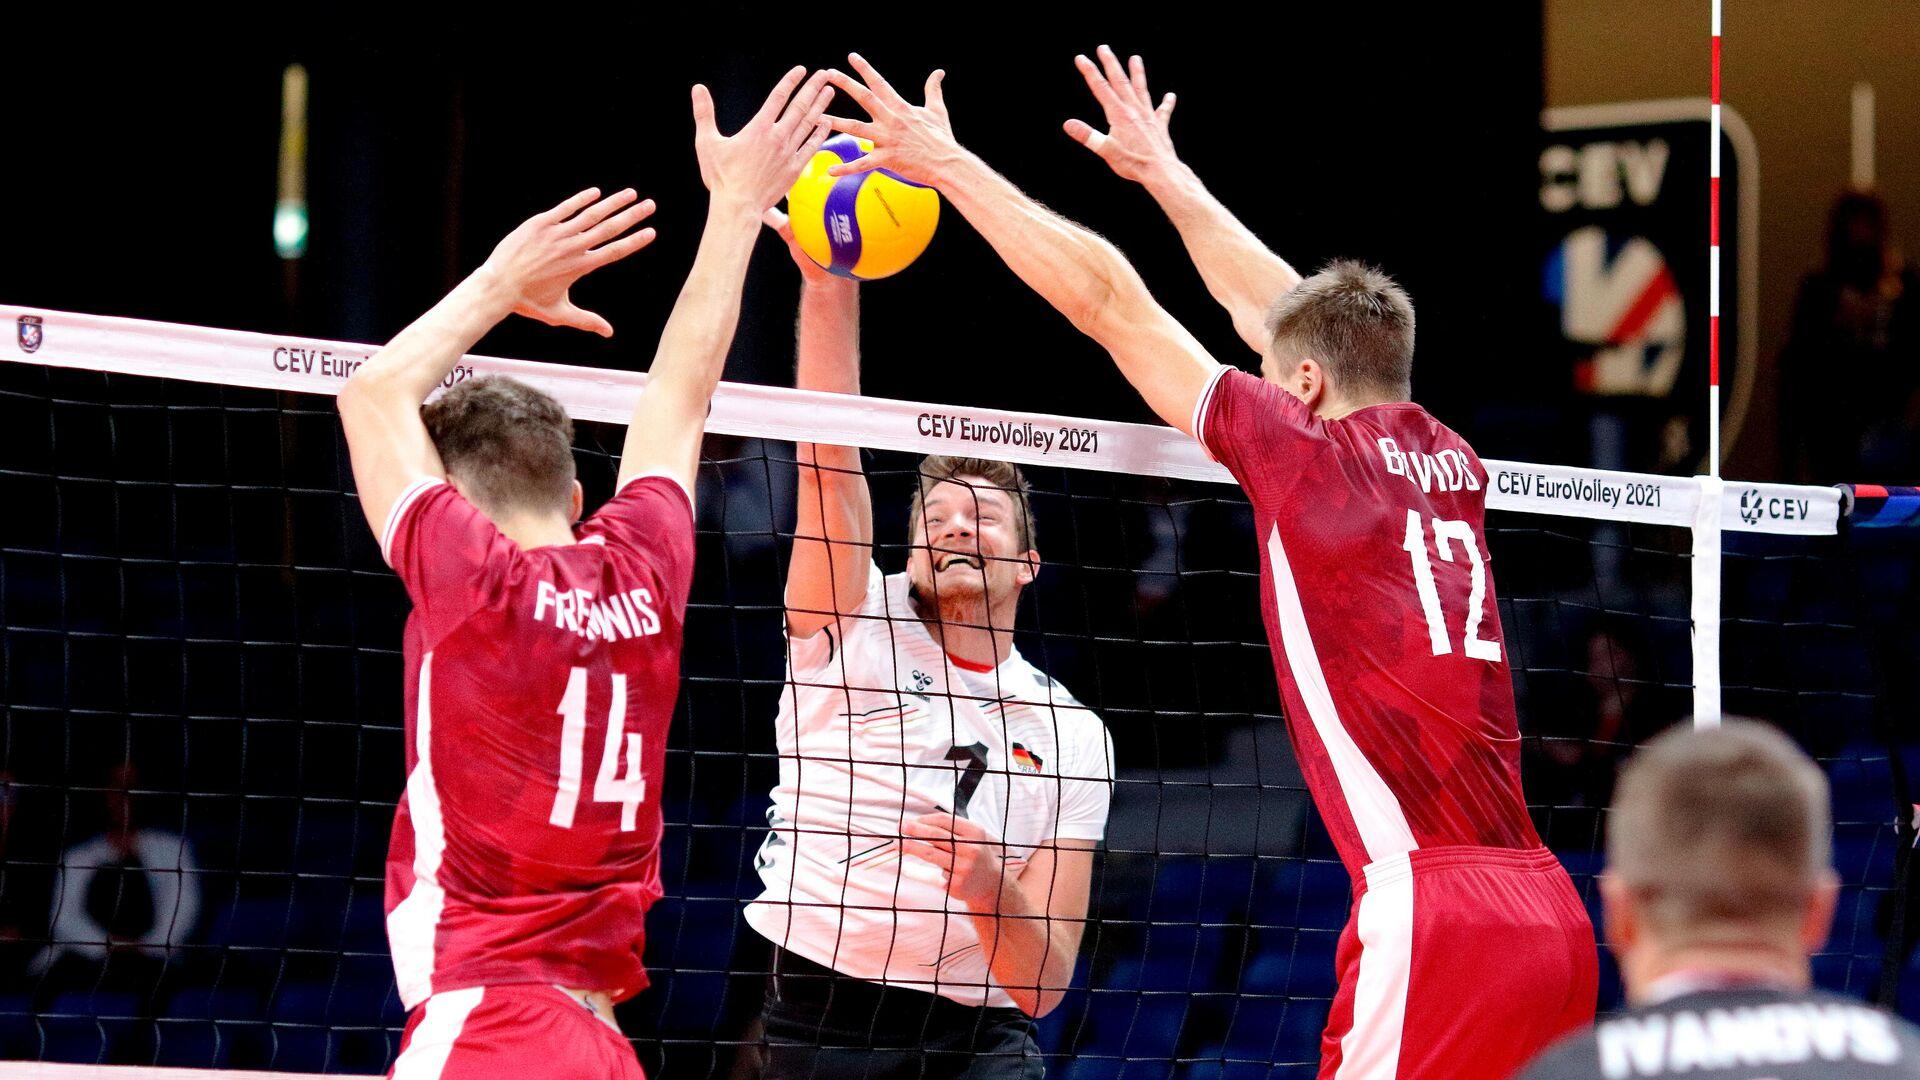 Сборная Латвии по волейболу проиграла соперникам из Германии в матче 4-го тура группового этапа чемпионата Европы  - Sputnik Латвия, 1920, 08.09.2021